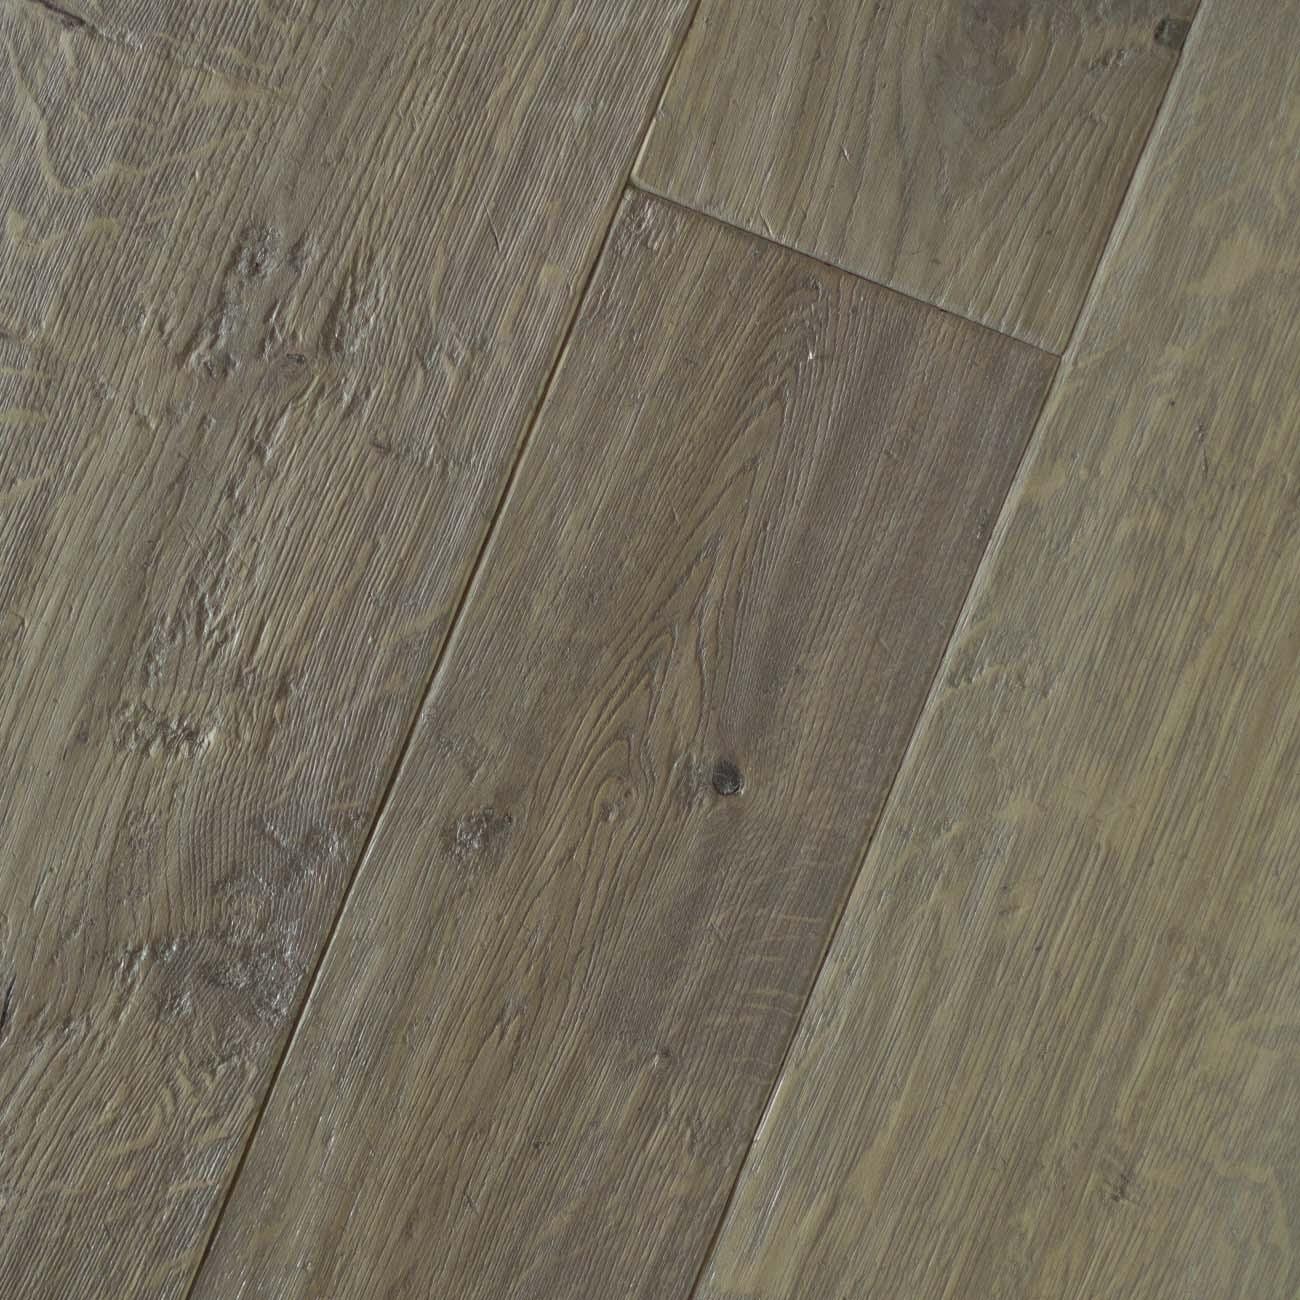 3 Distressed oak traditional floors Grisled tudor.jpg